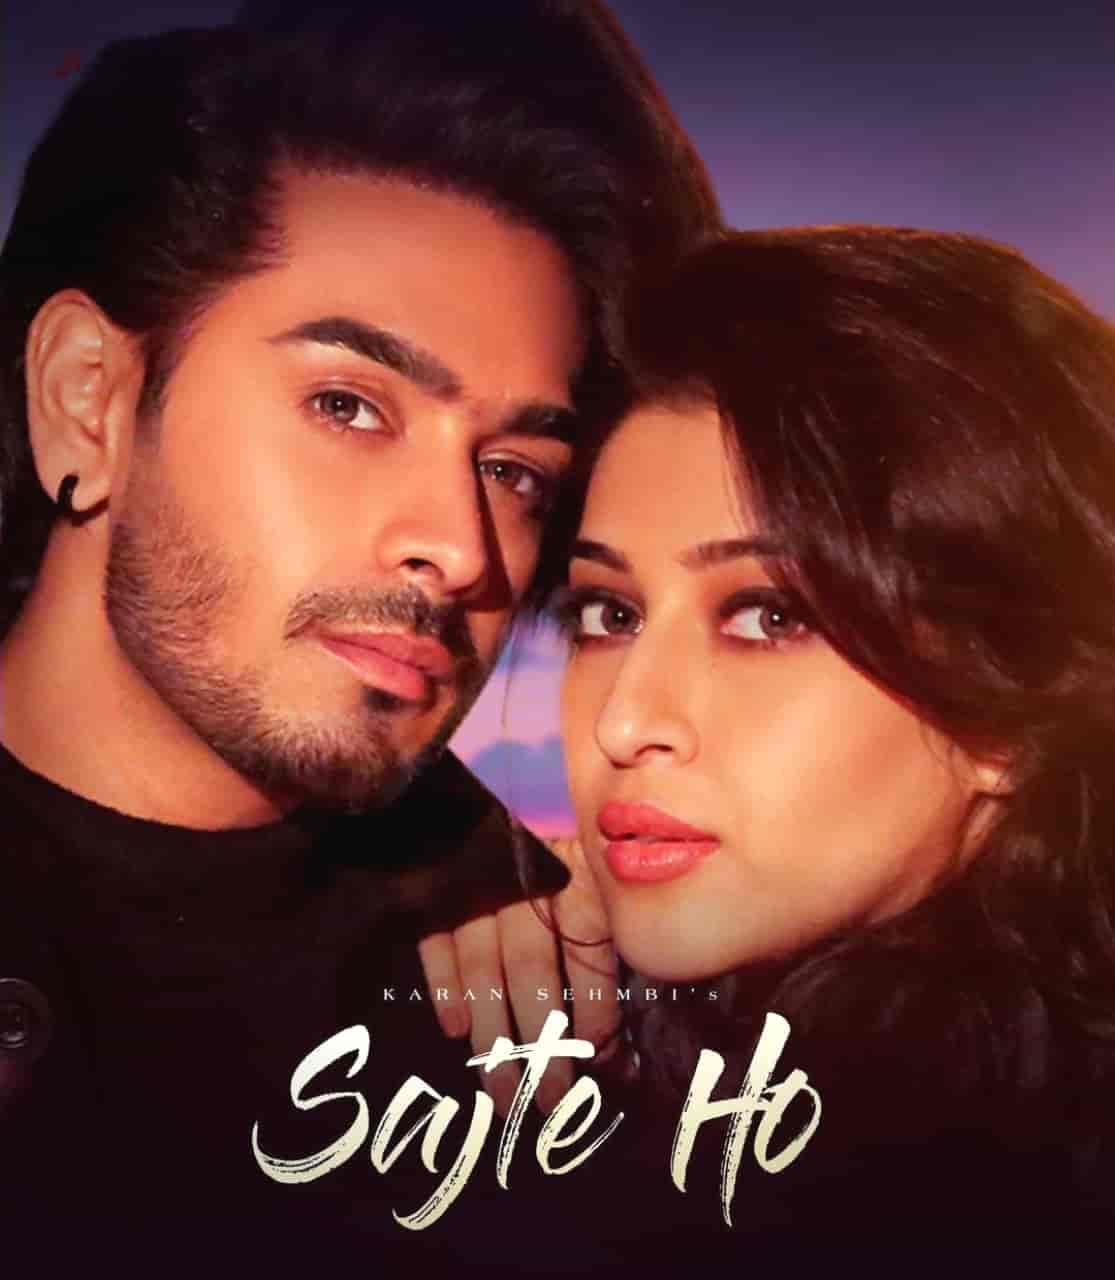 Sajte Ho Hindi Song Image Features Karan Sehmbi And Sonarika Bhadoria